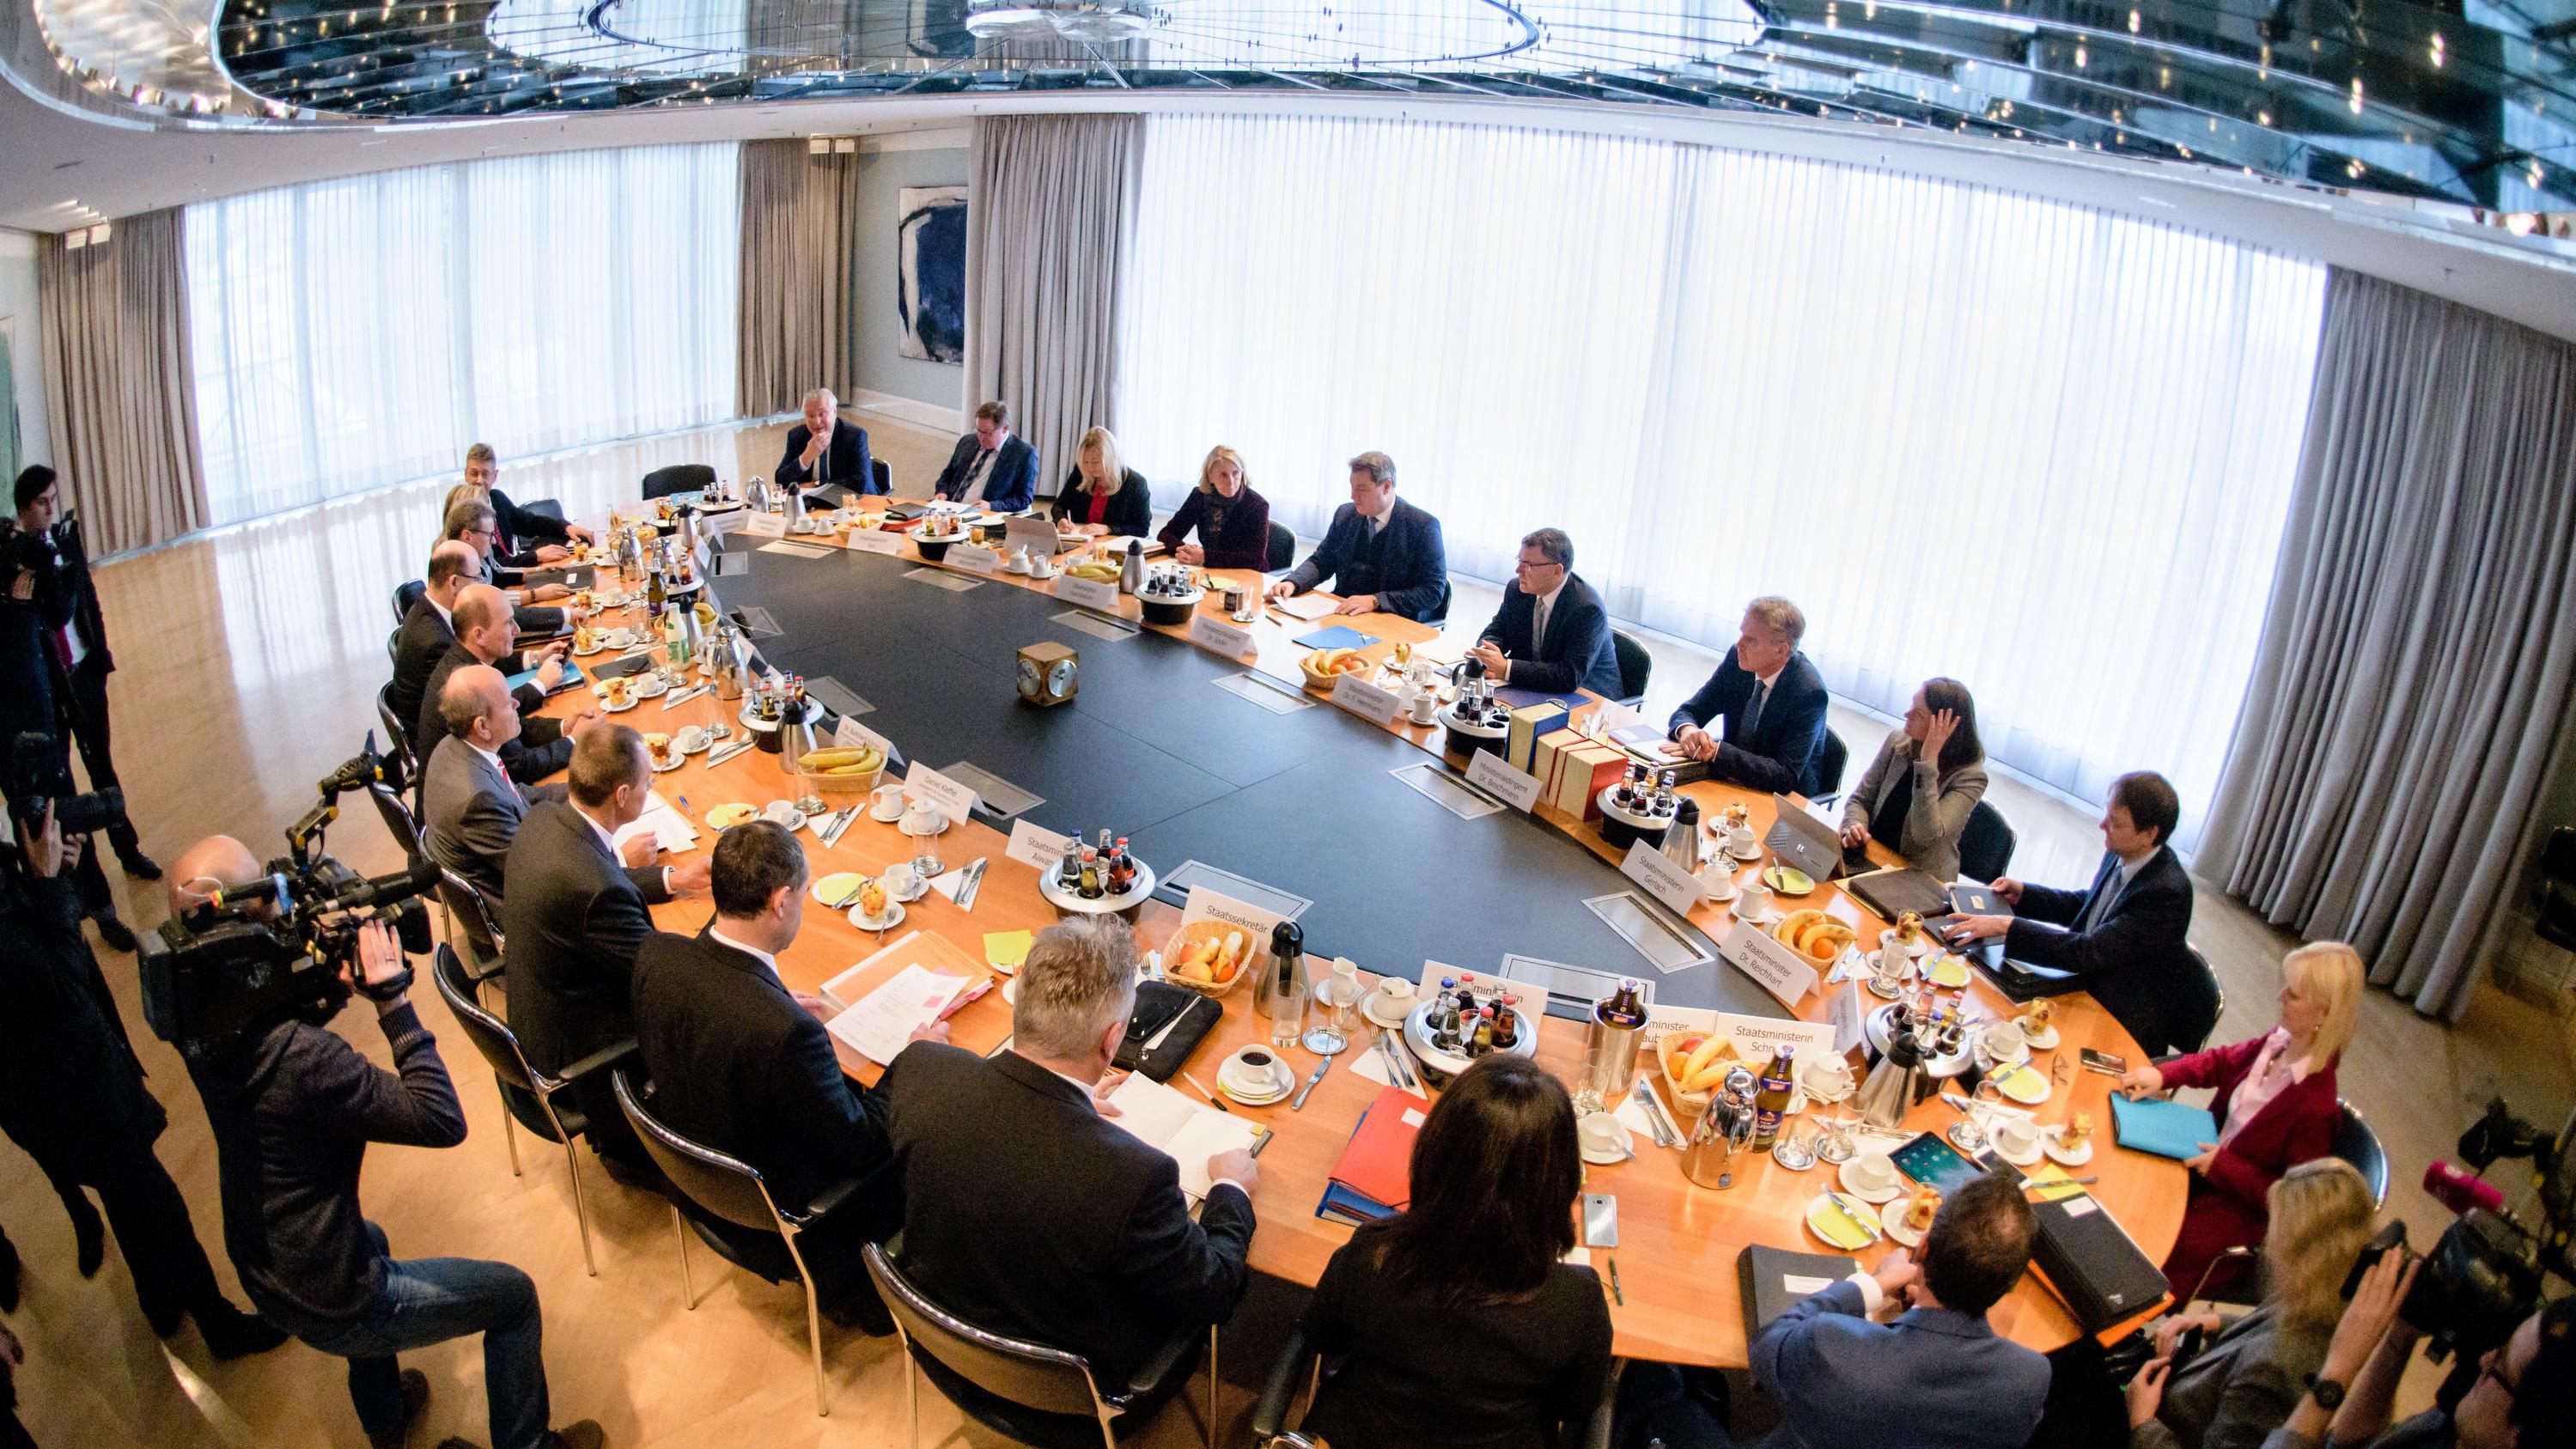 8.1.2019: Kabinettssitzung in der Bayerischen Staatskanzlei